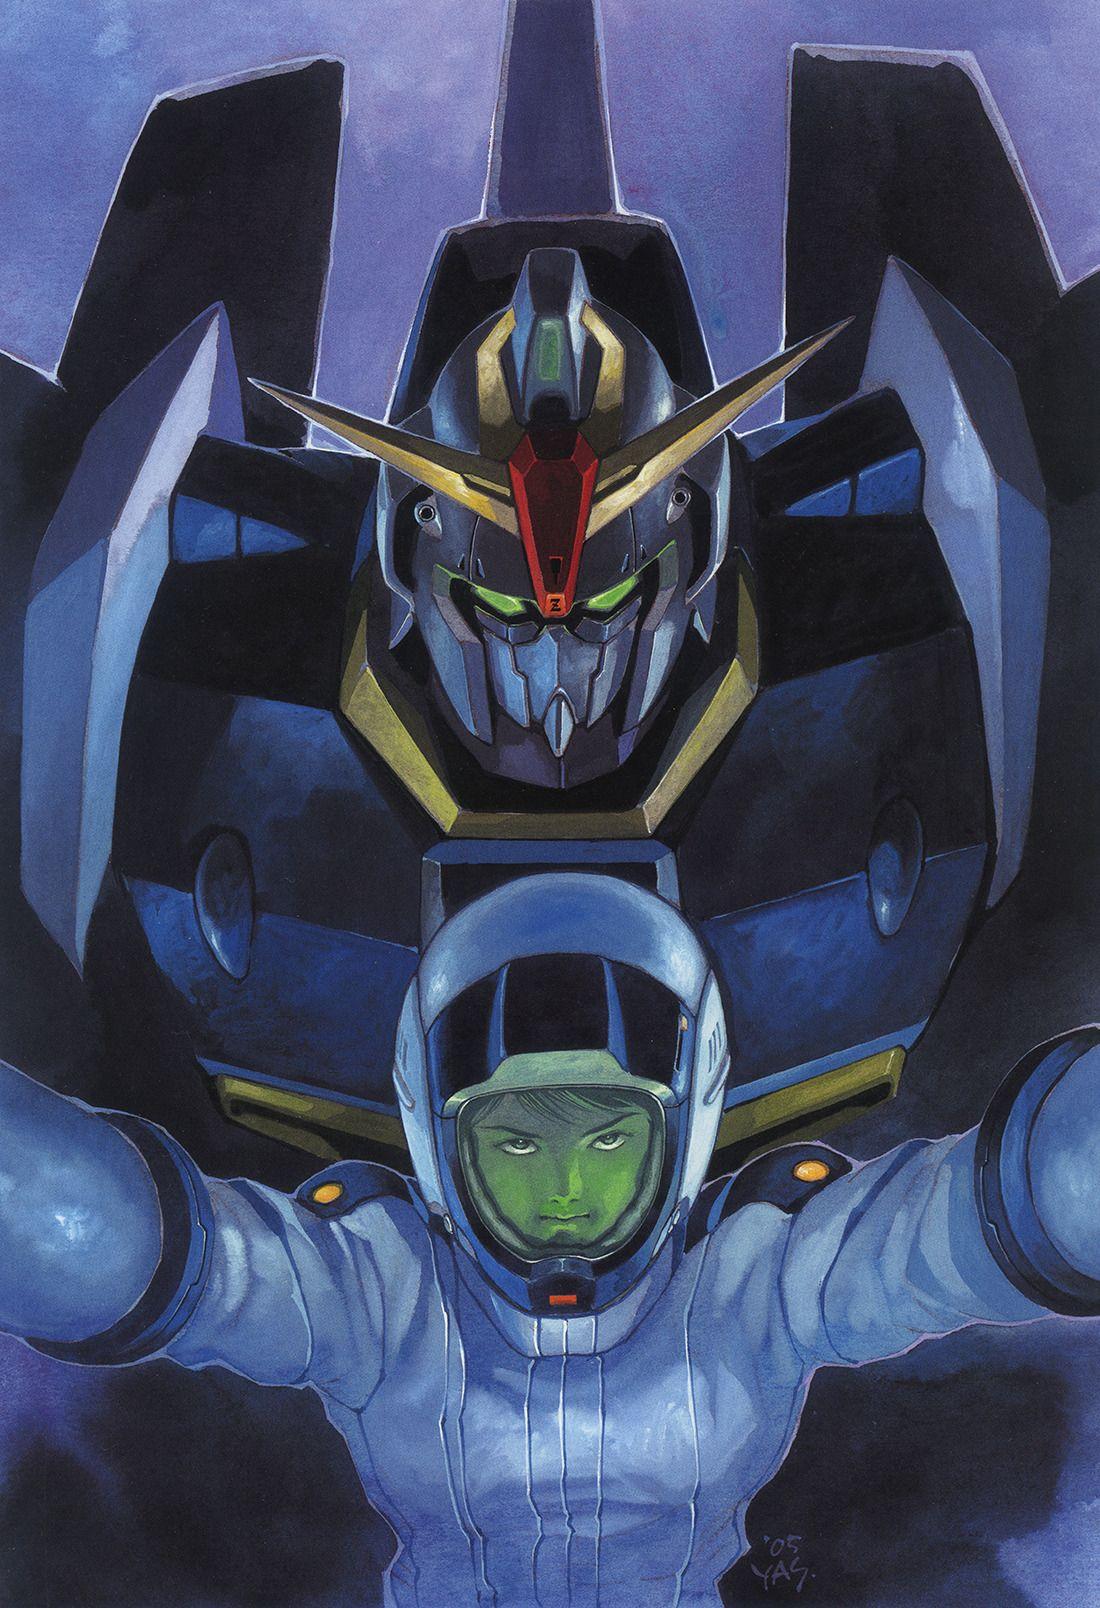 機動戦士zガンダム Gundam ガンダム アニメコミック Z ガンダム